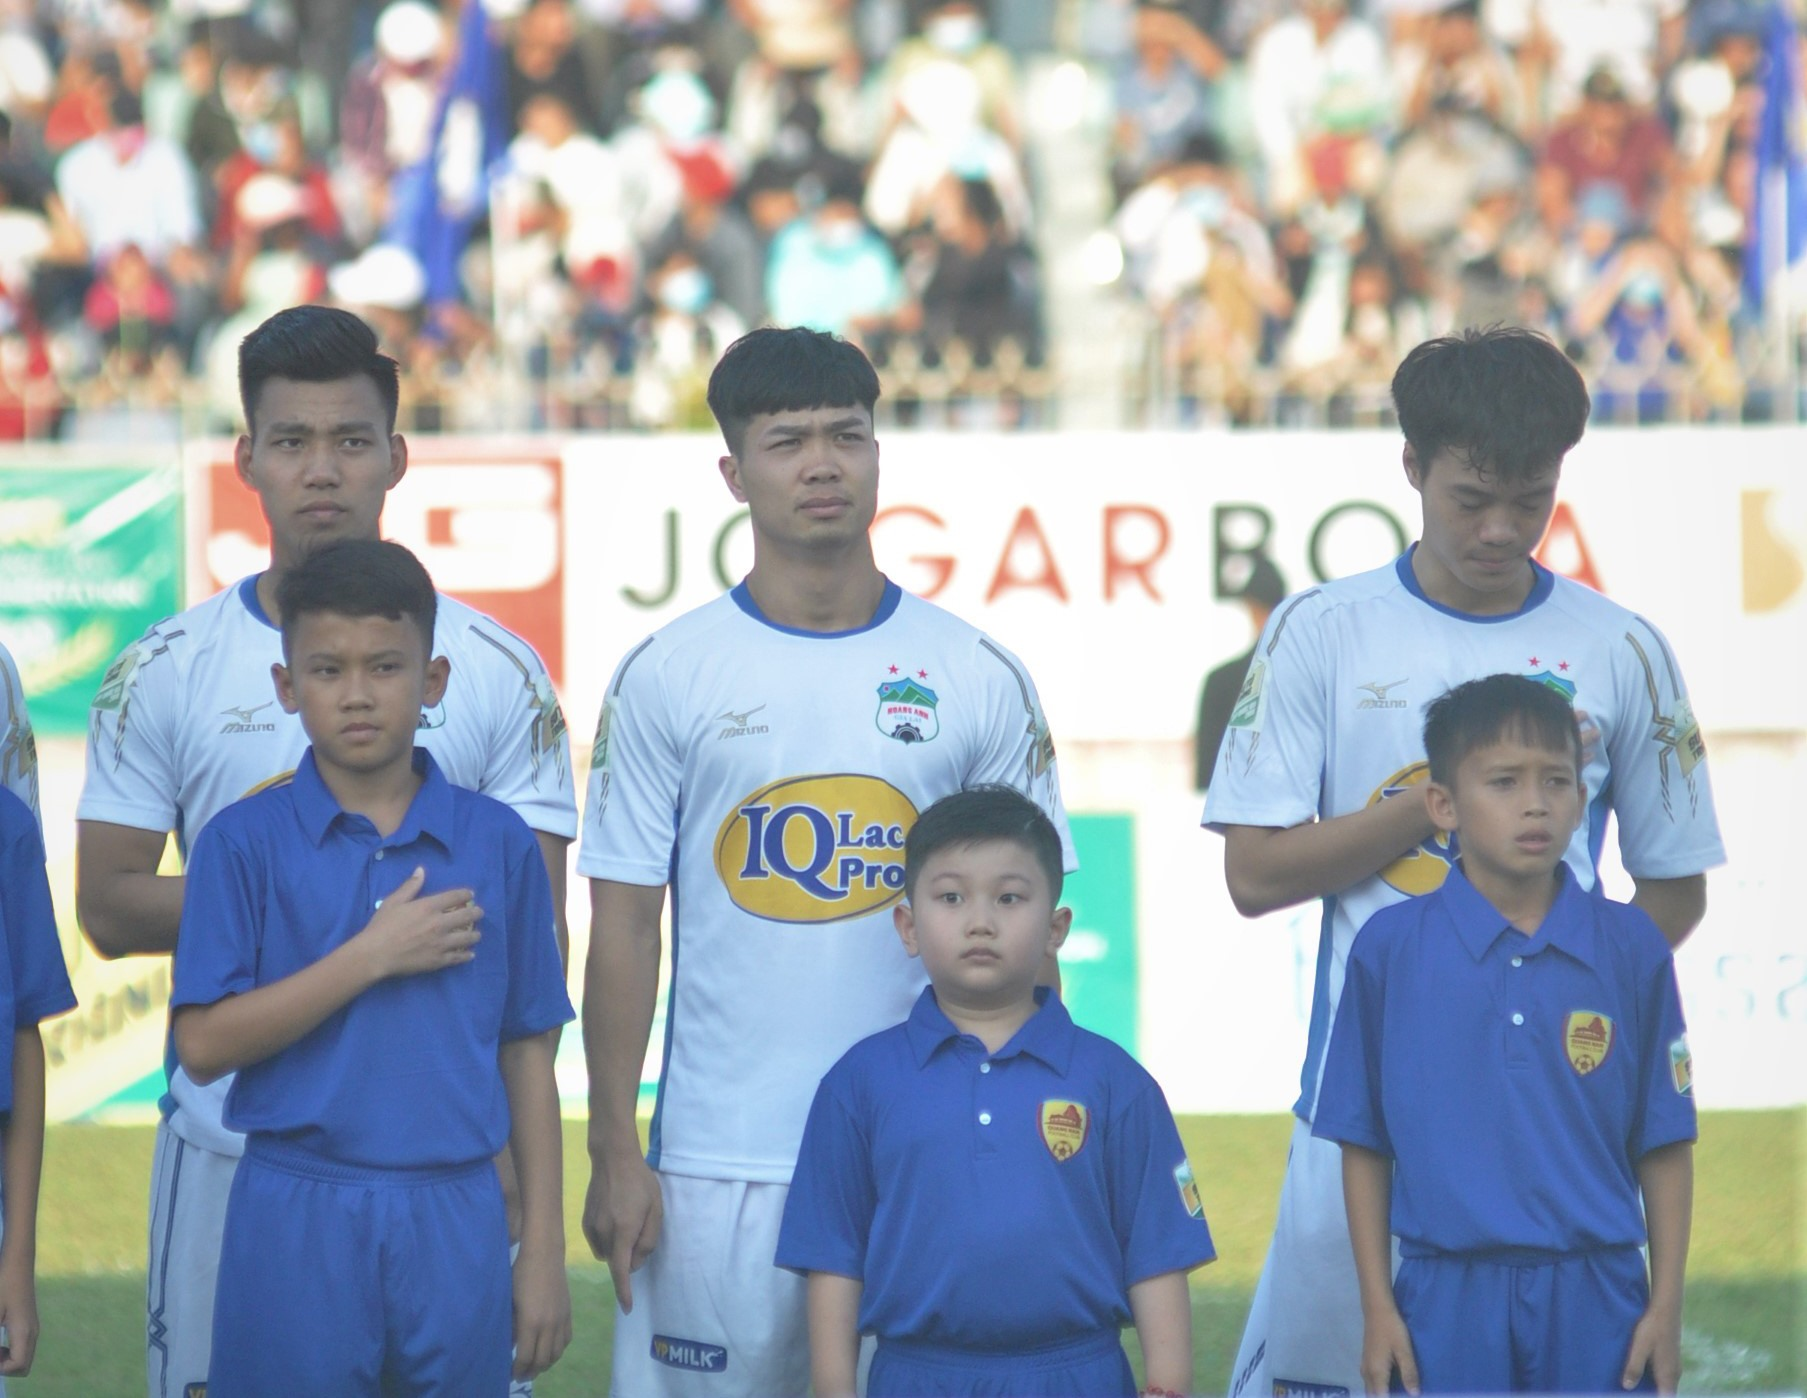 Công Phượng cùng các đồng đội Hoàng Anh Gia Lai vẫn chờ mình có được trao cúp vô địch V-League 2021 hay không? Ảnh: T.V